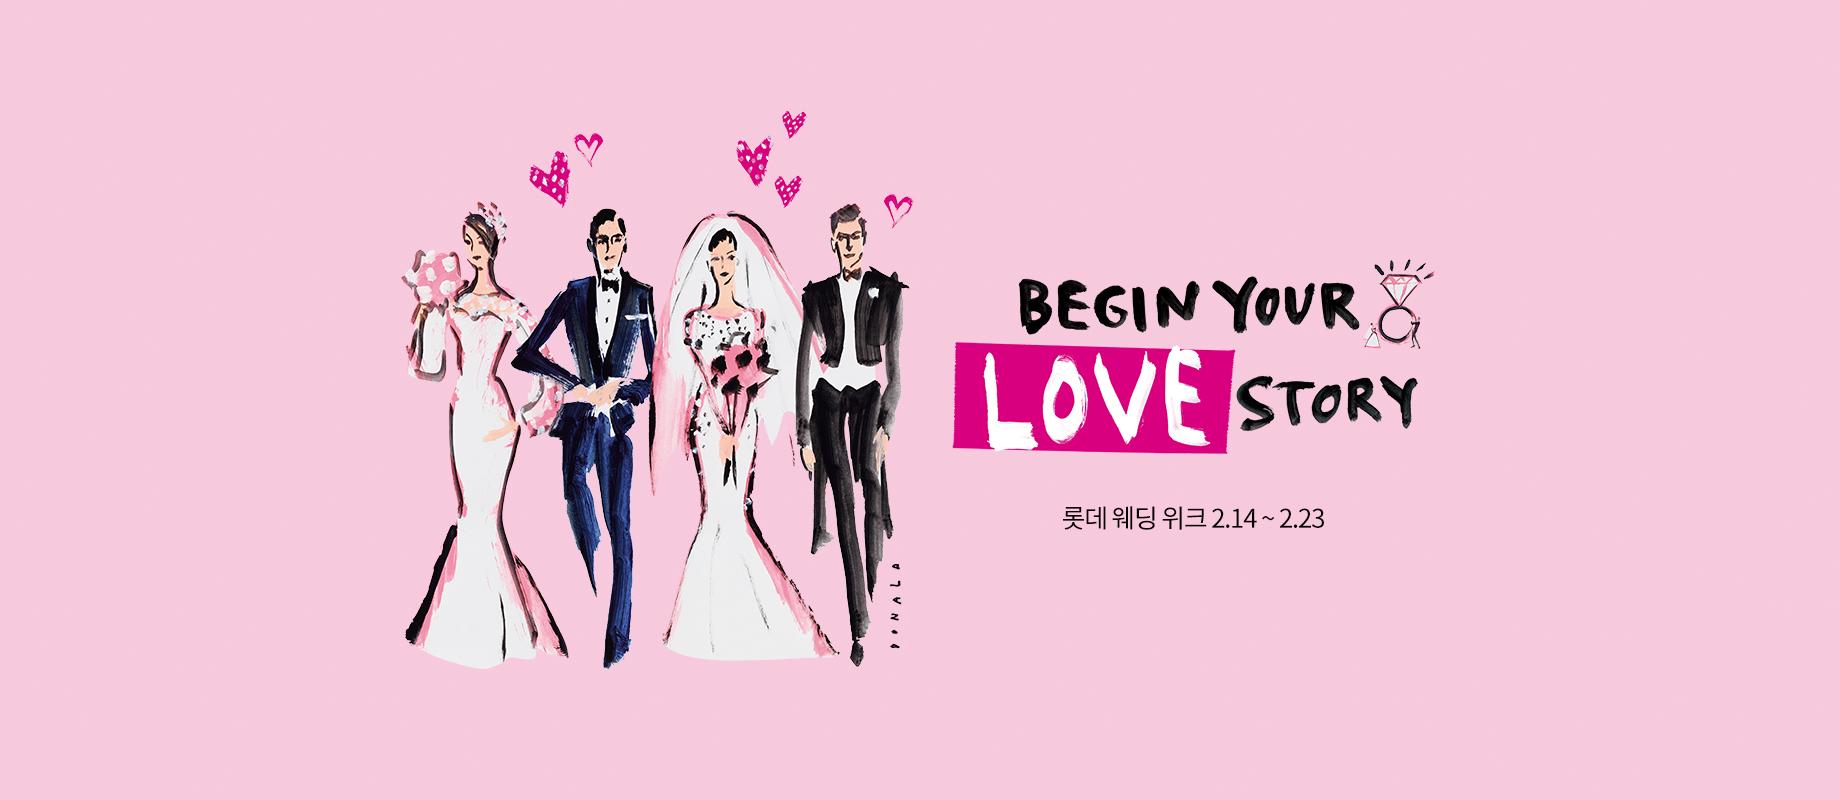 0214_웨딩(Begin your love story)